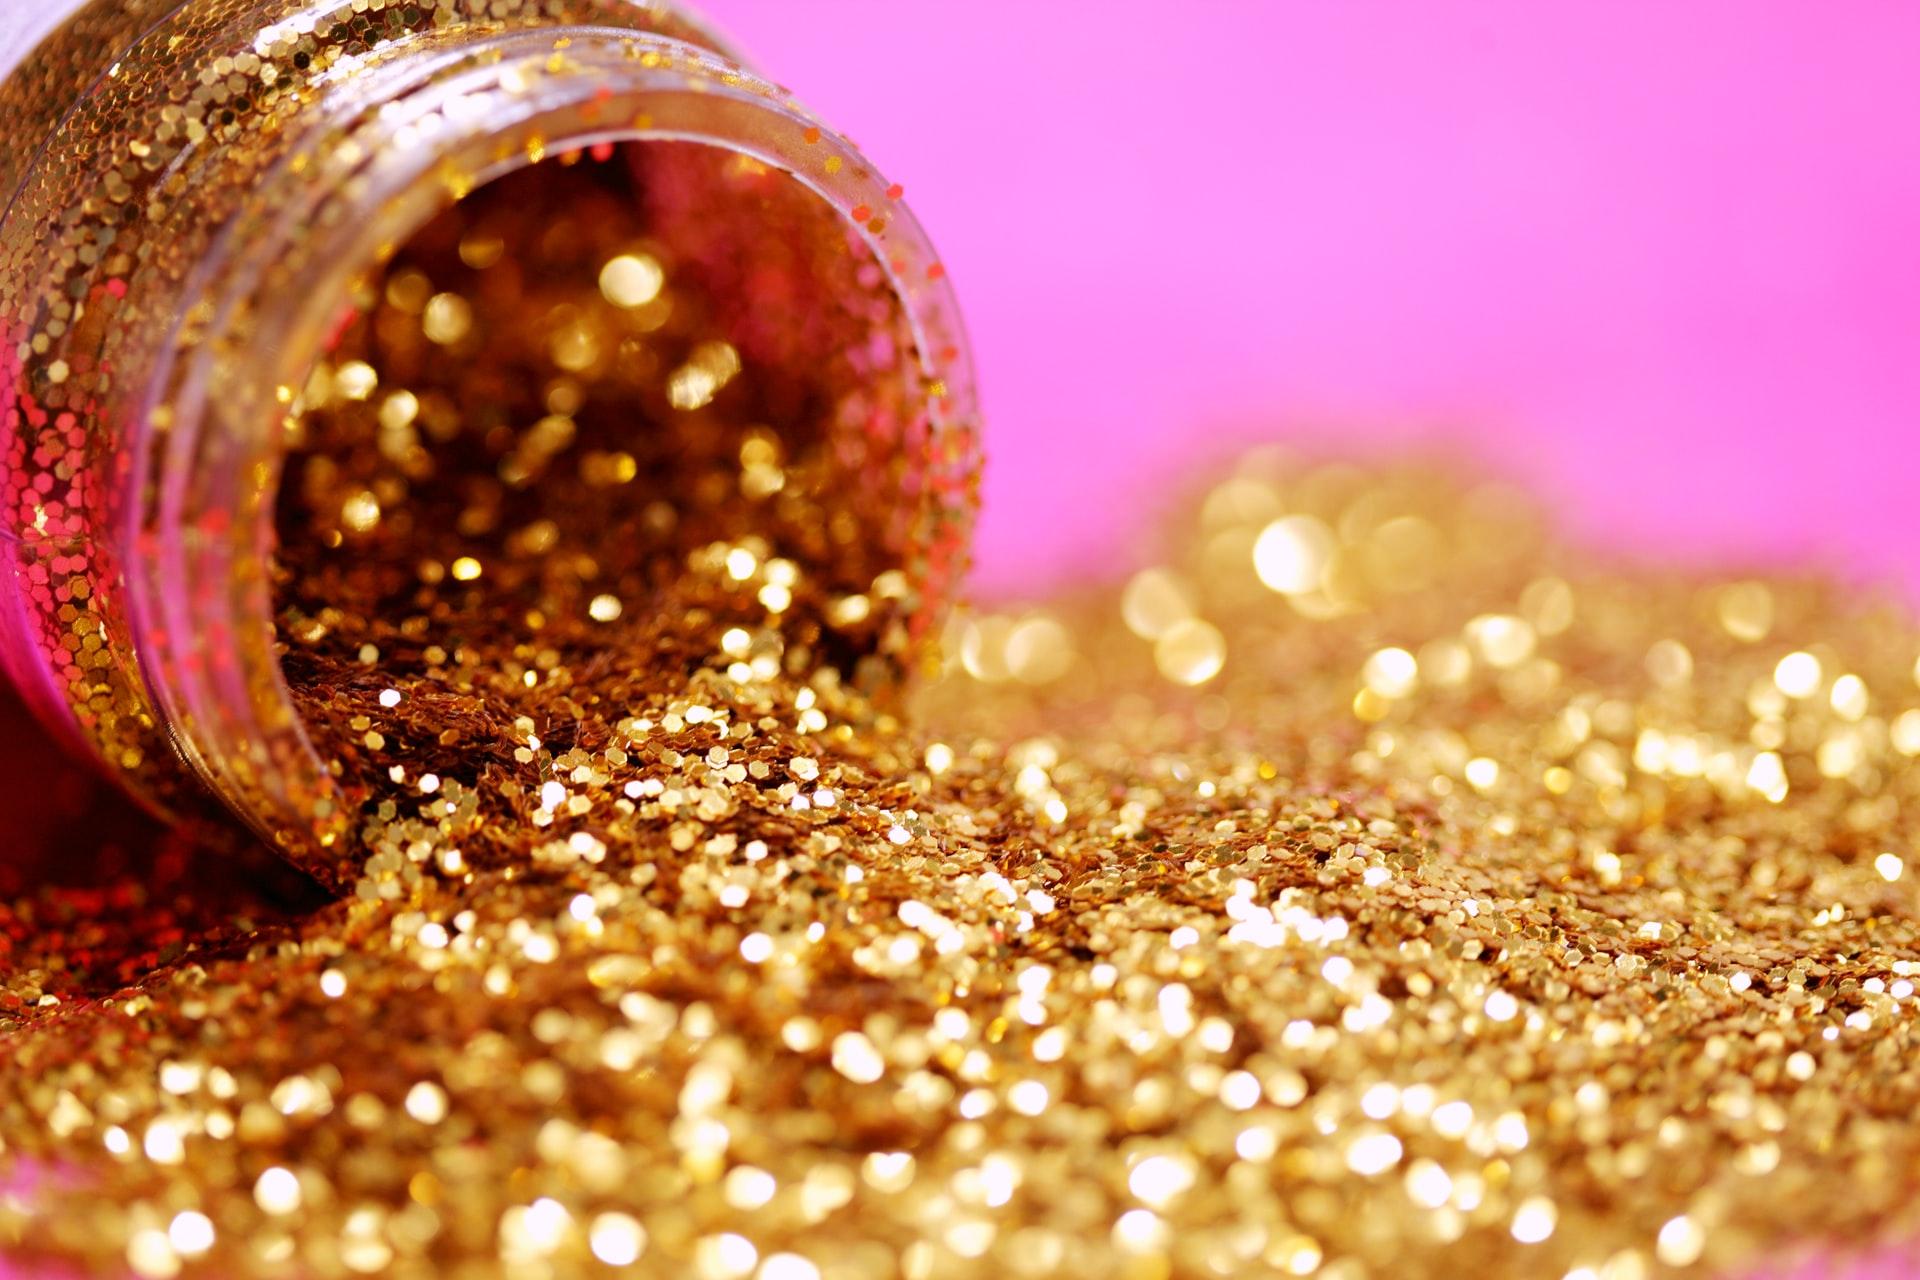 Apa Alasan Kita Investasi Emas?